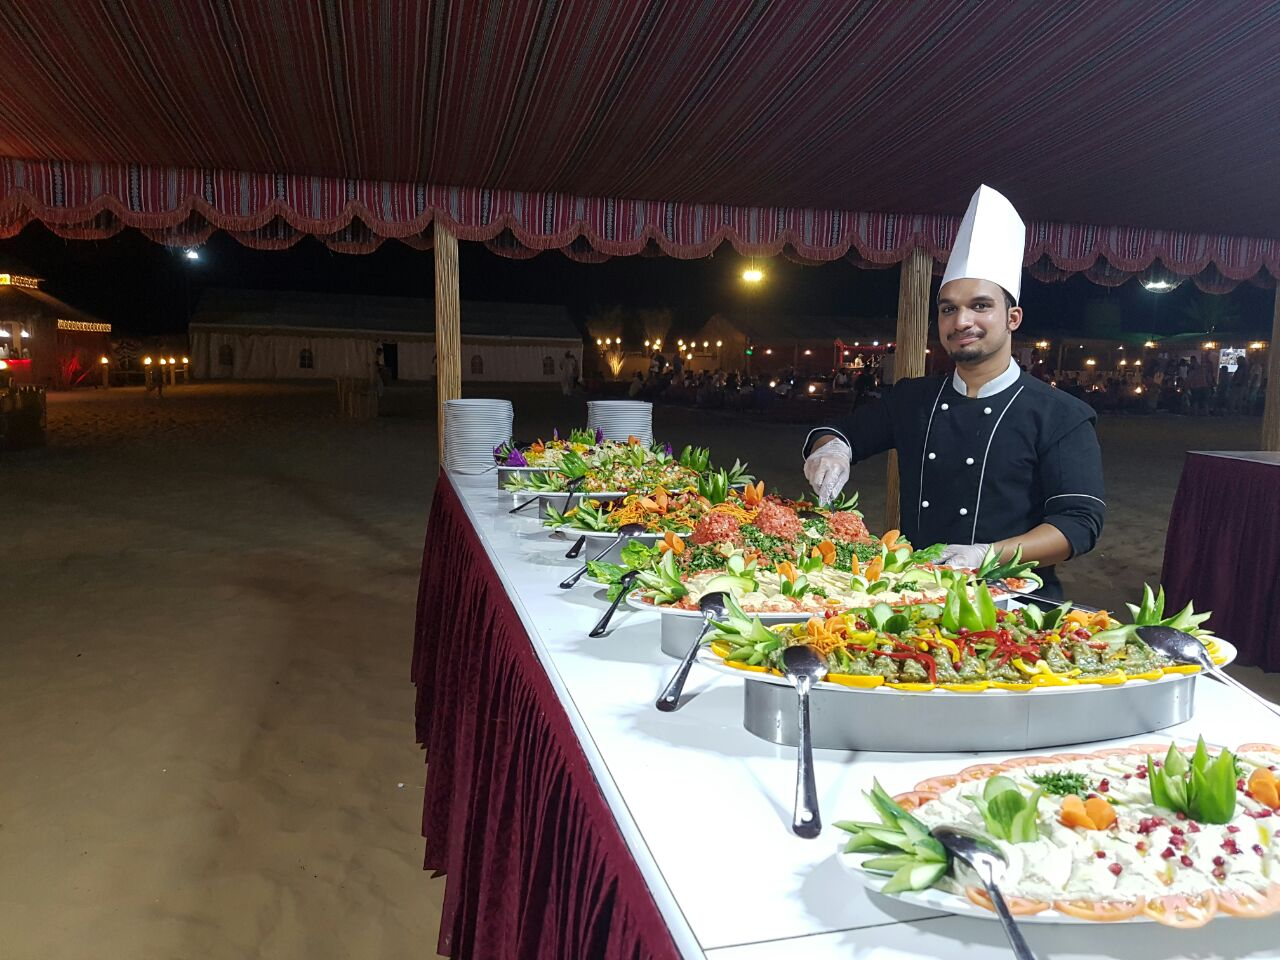 Dinner at Desert